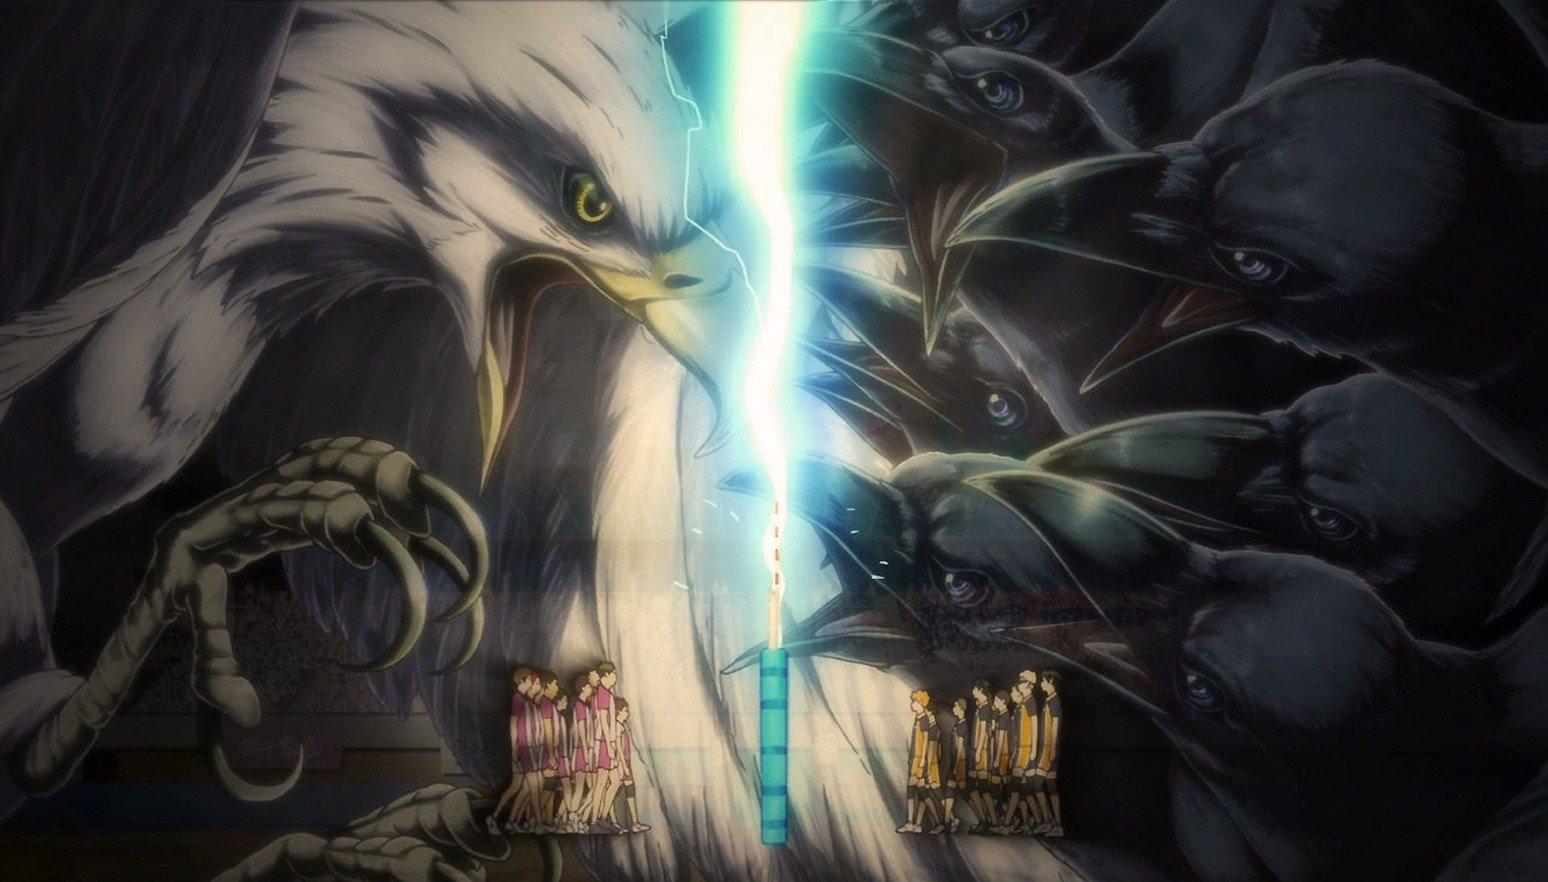 Haikyuu!!, Karasuno, Shiratorizawa, Eagle, Crow, Anime, Anime art Wallpaper